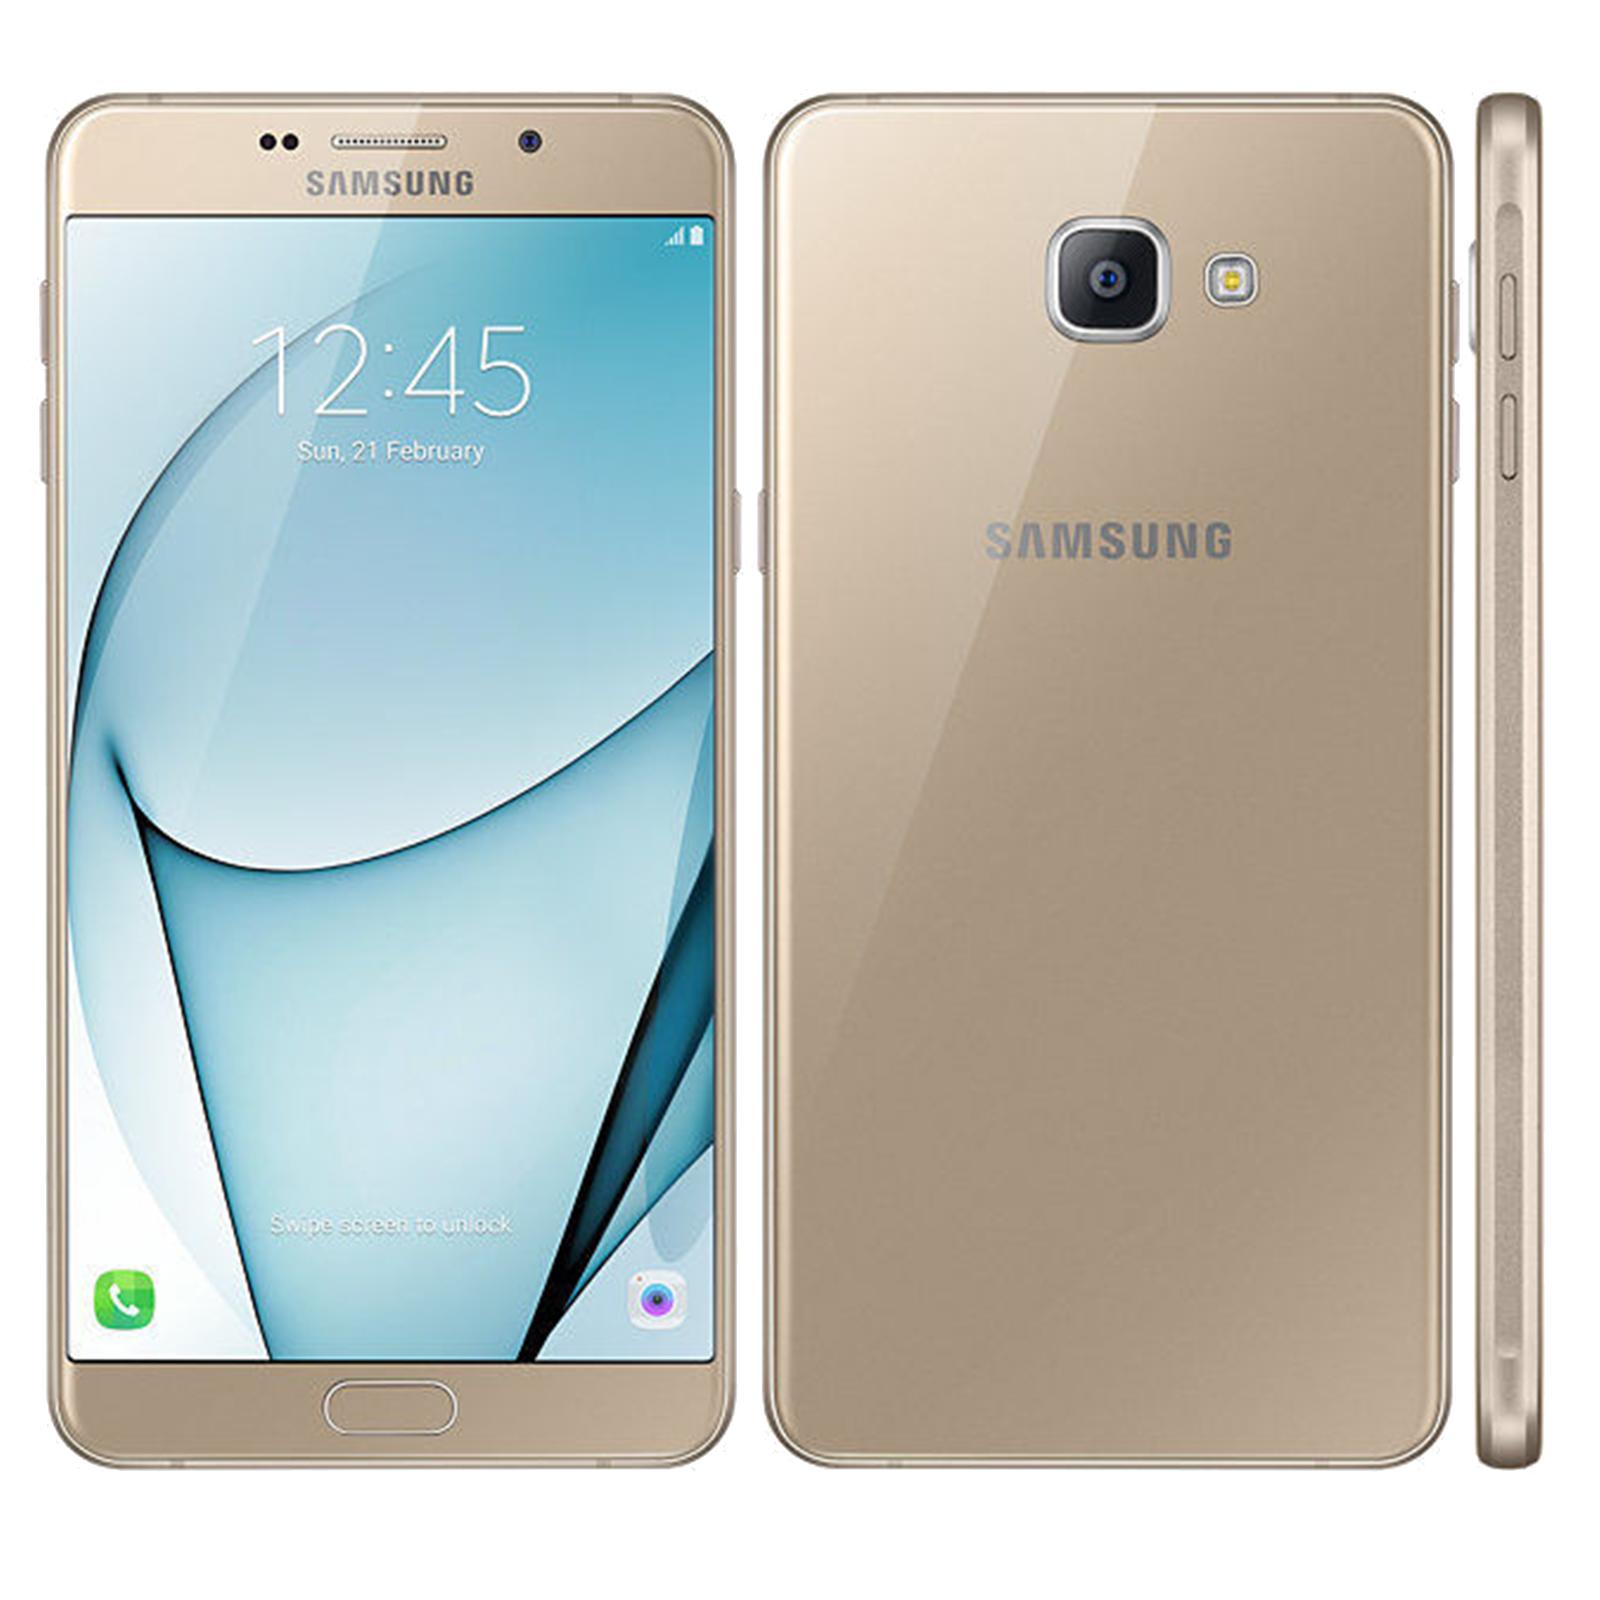 Смартфон Самсунг Galaxy A9 Pro будет первым телефоном счетырьмя задними камерами